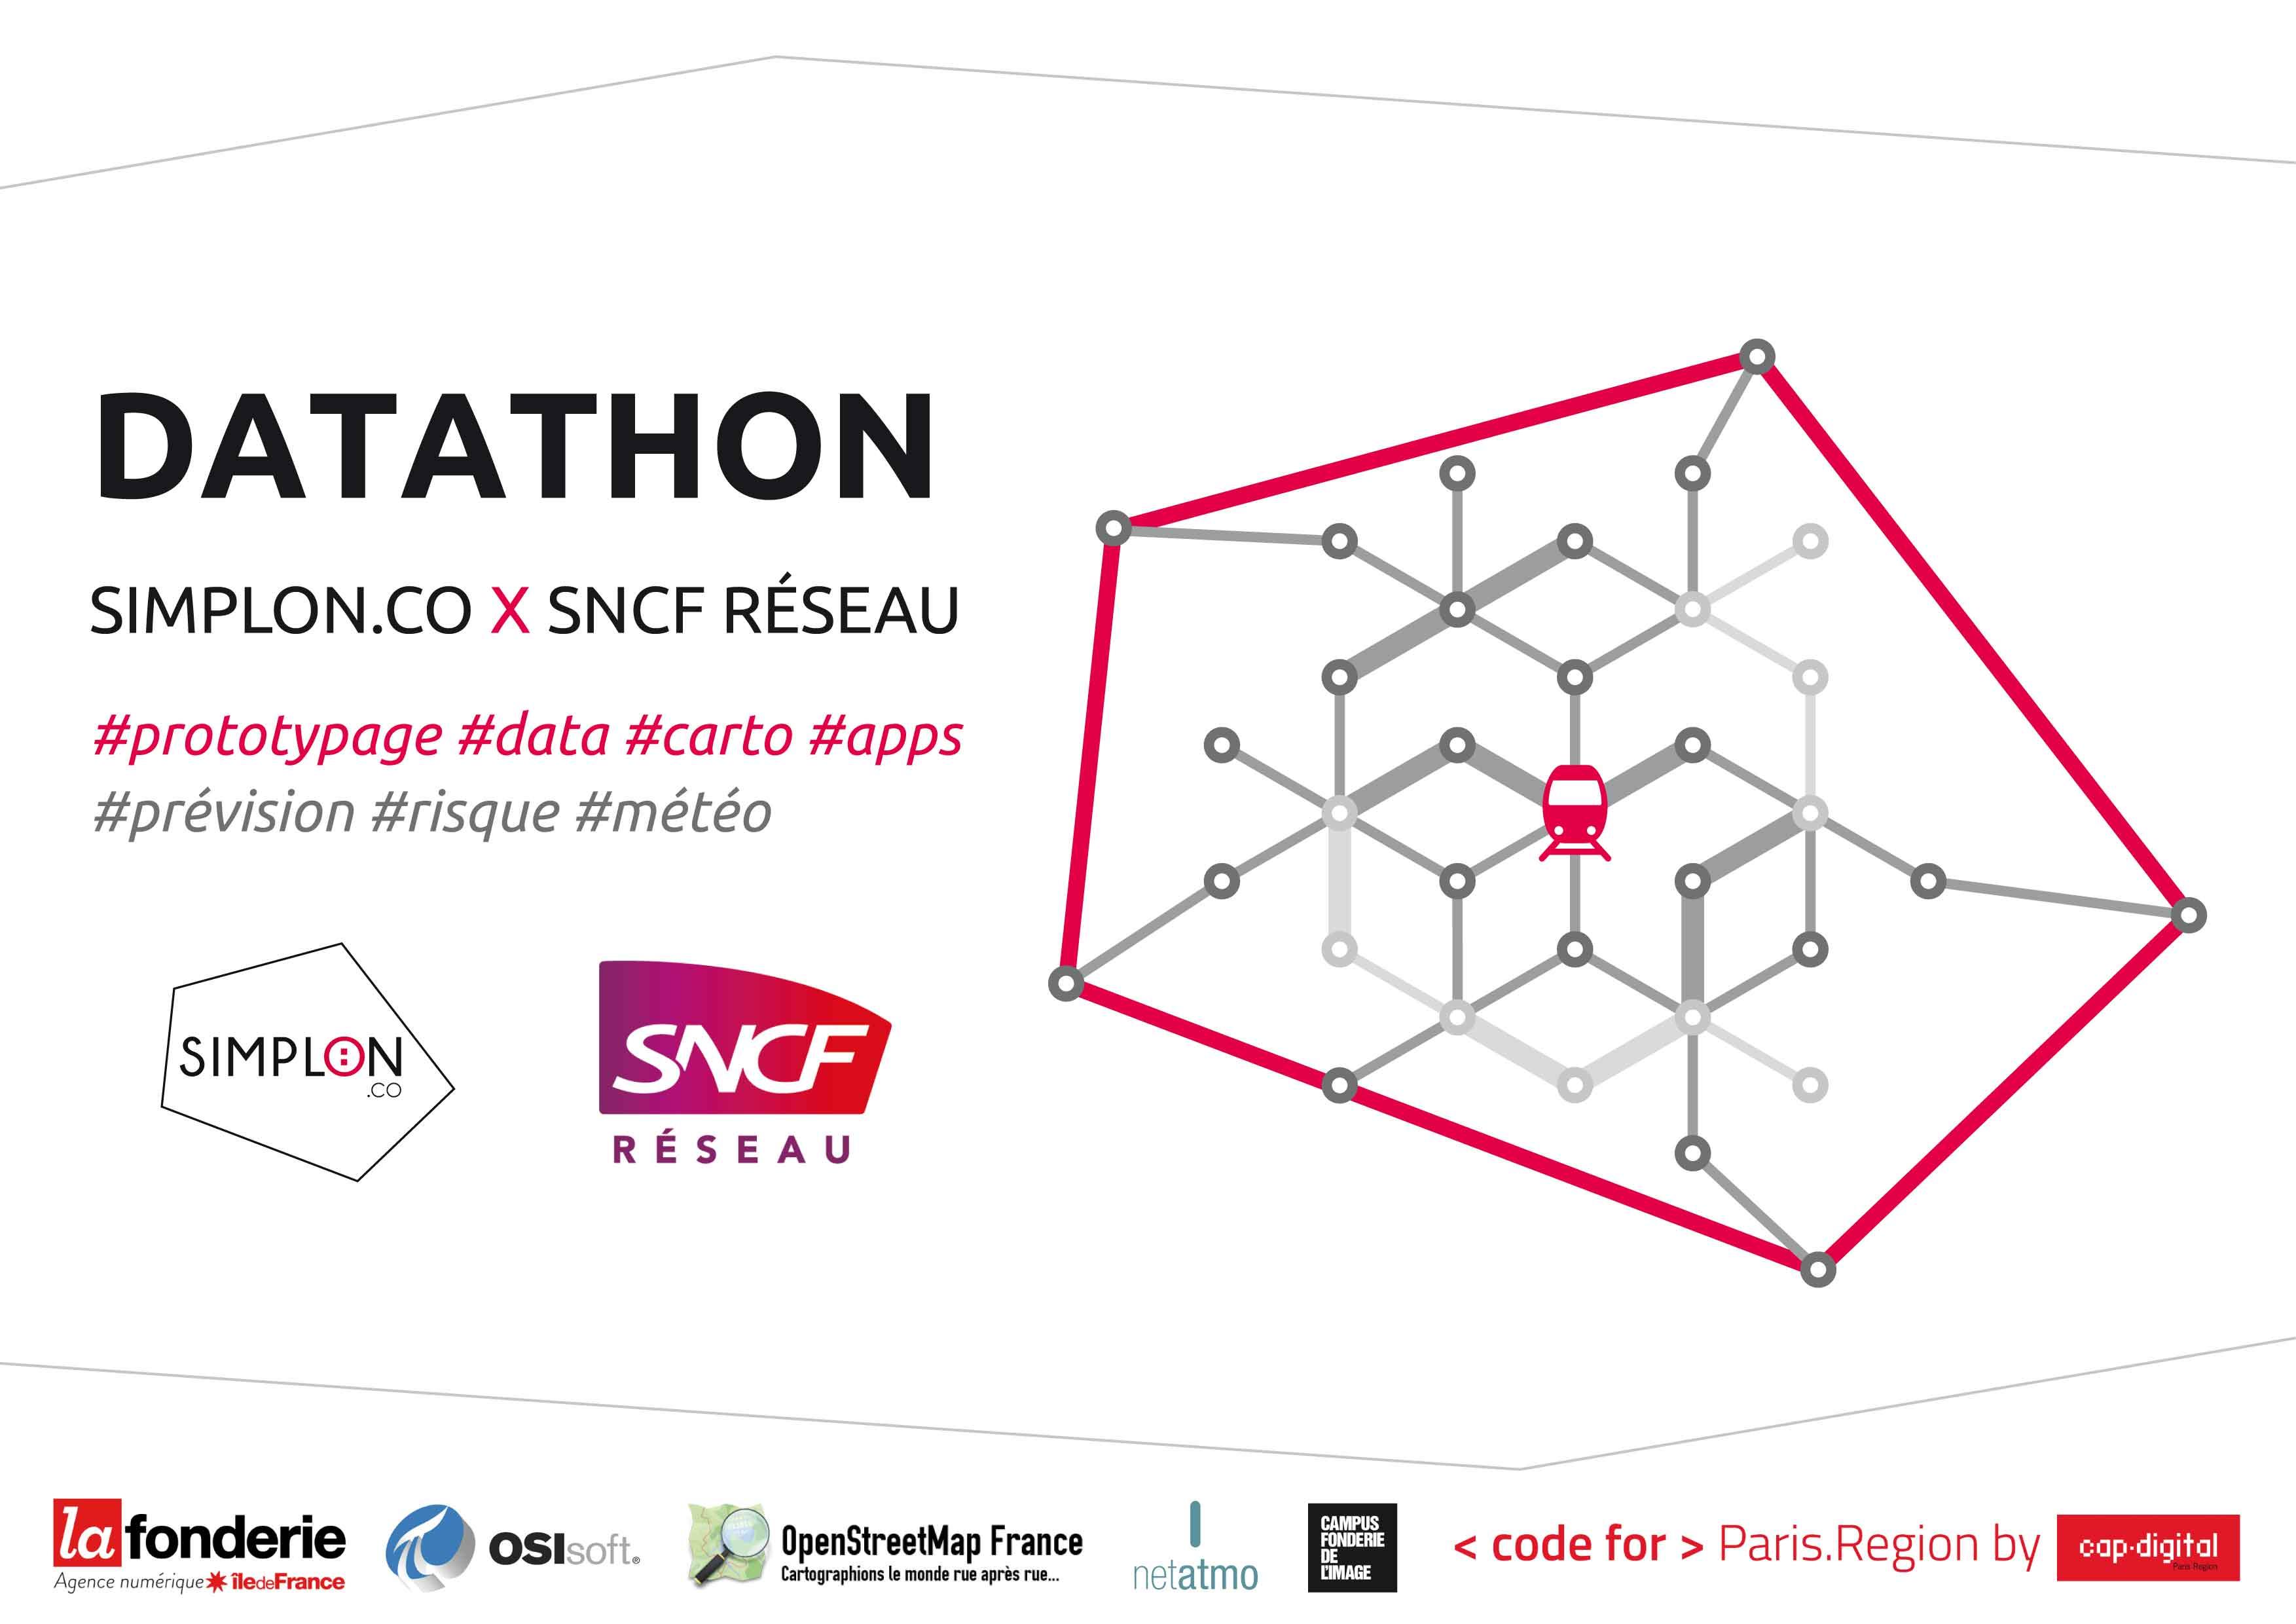 datathon simplon sncf réseau